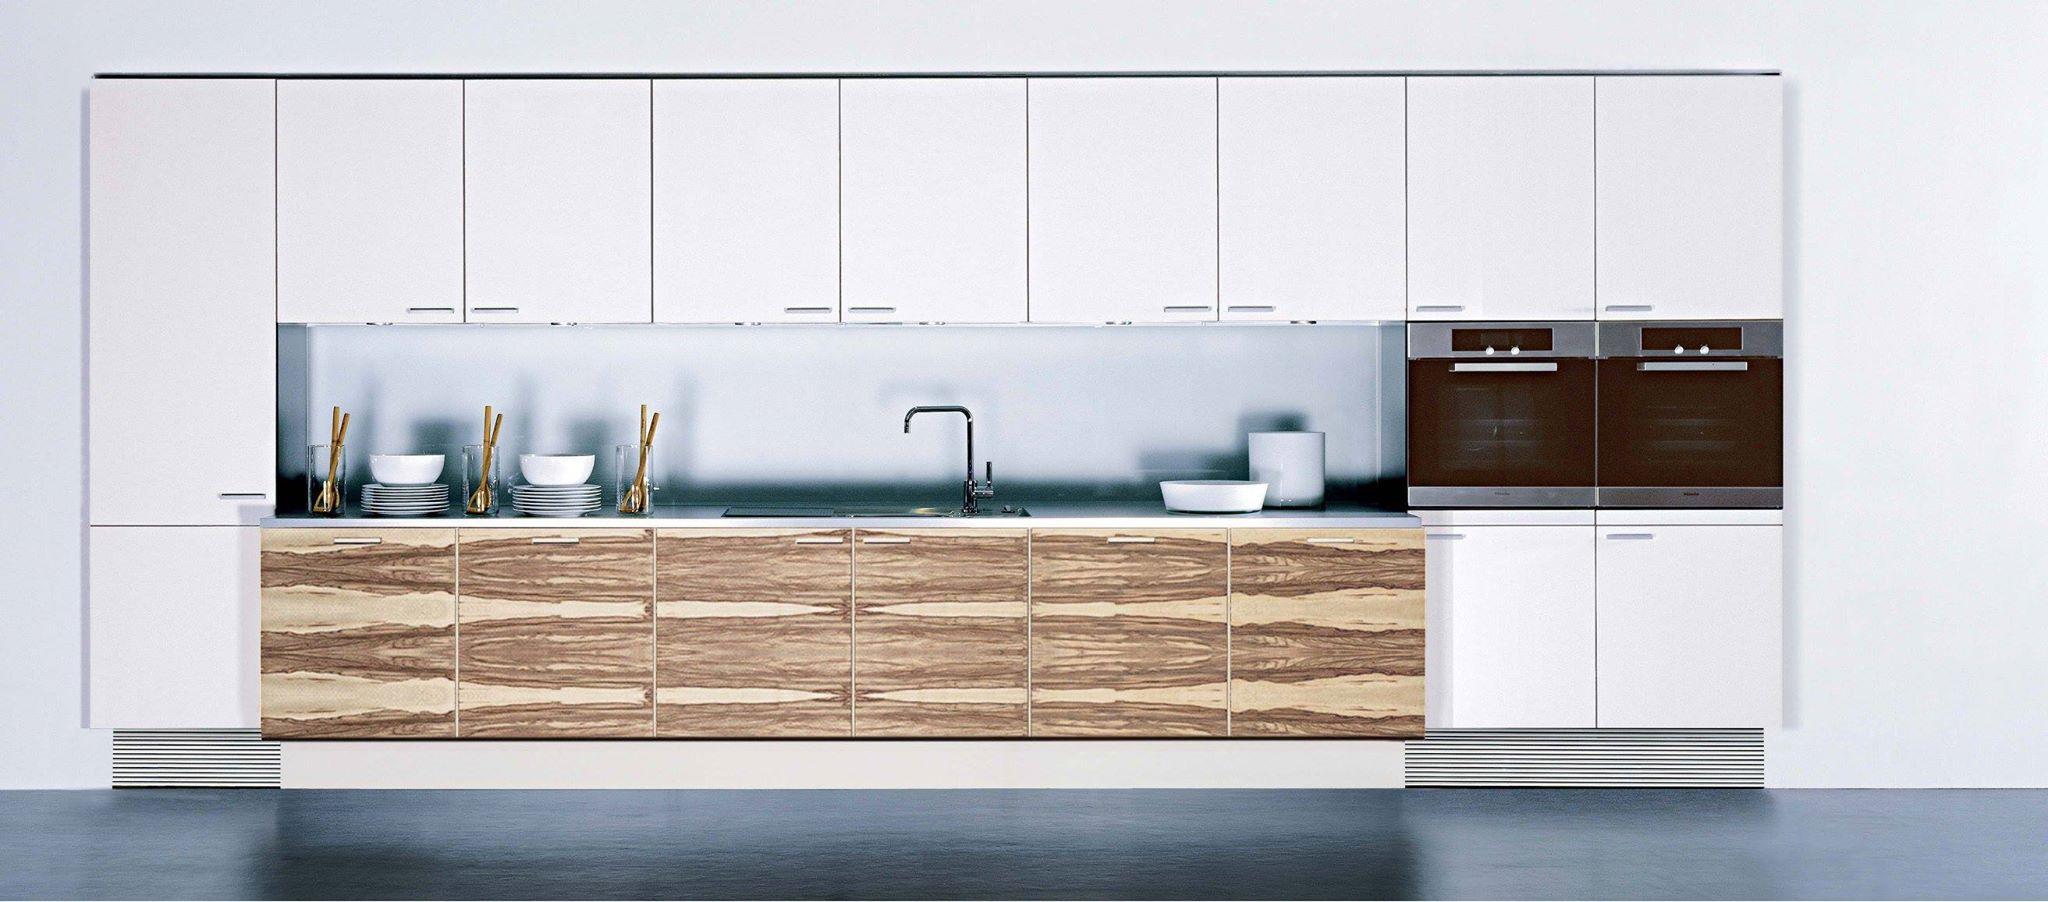 Design Keukens Wit: Deze italiaanse design keuken is in wit hoogglans ...